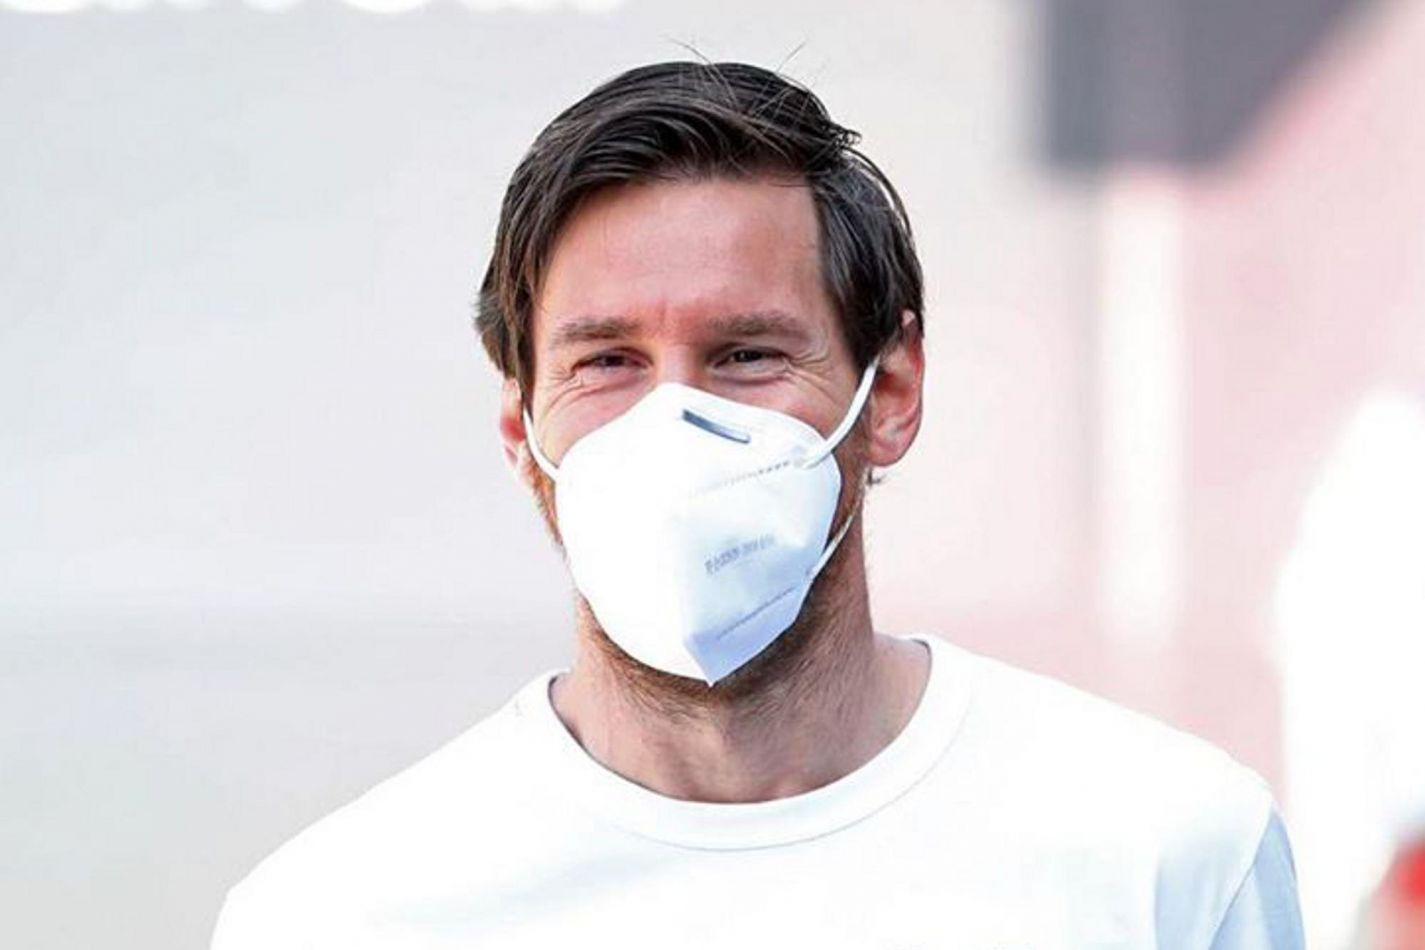 32 respiradores que donó Lionel Messi están retenidos hace 10 meses en el depósito del aeropuerto